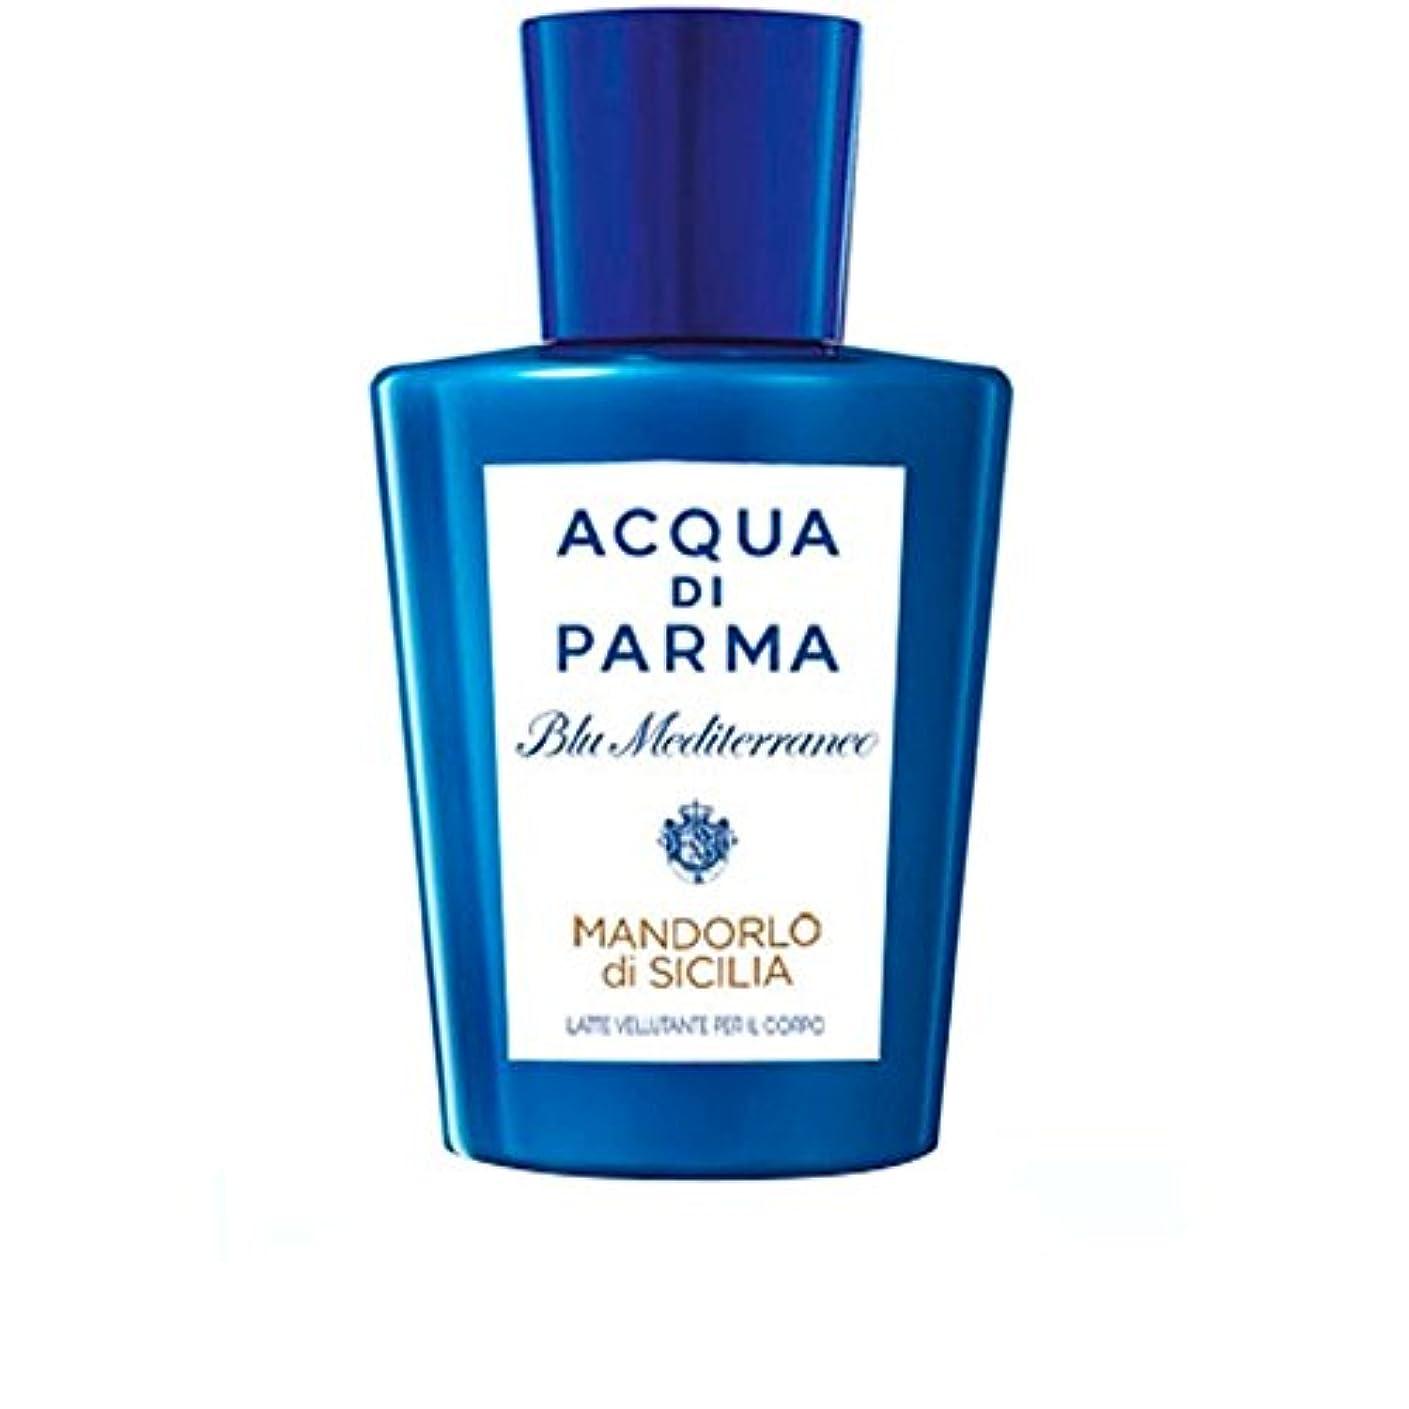 脚本家噴出する助けてアクアディパルママンドルロ?ディ?シチリア至福のボディローション200 x4 - Acqua Di Parma Mandorlo Di Sicilia Pampering Body Lotion 200ml (Pack...